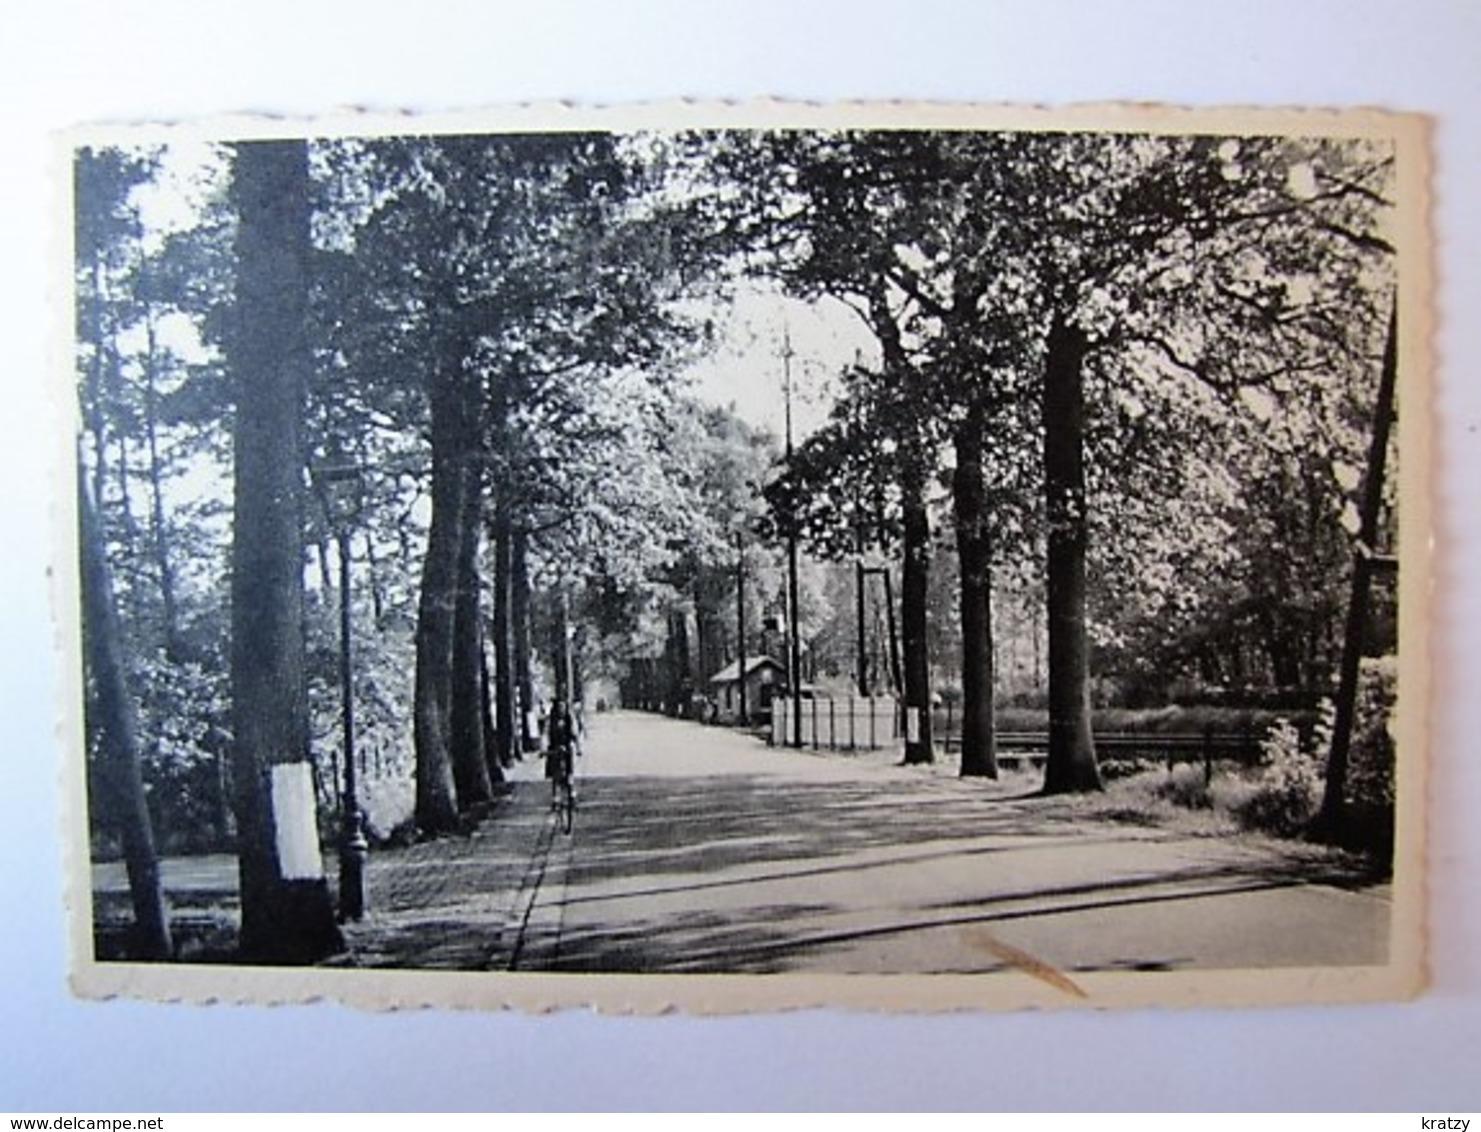 BELGIË - ANTWERPEN - KAPELLENBOS - Steenweg - 1955 - Kapellen